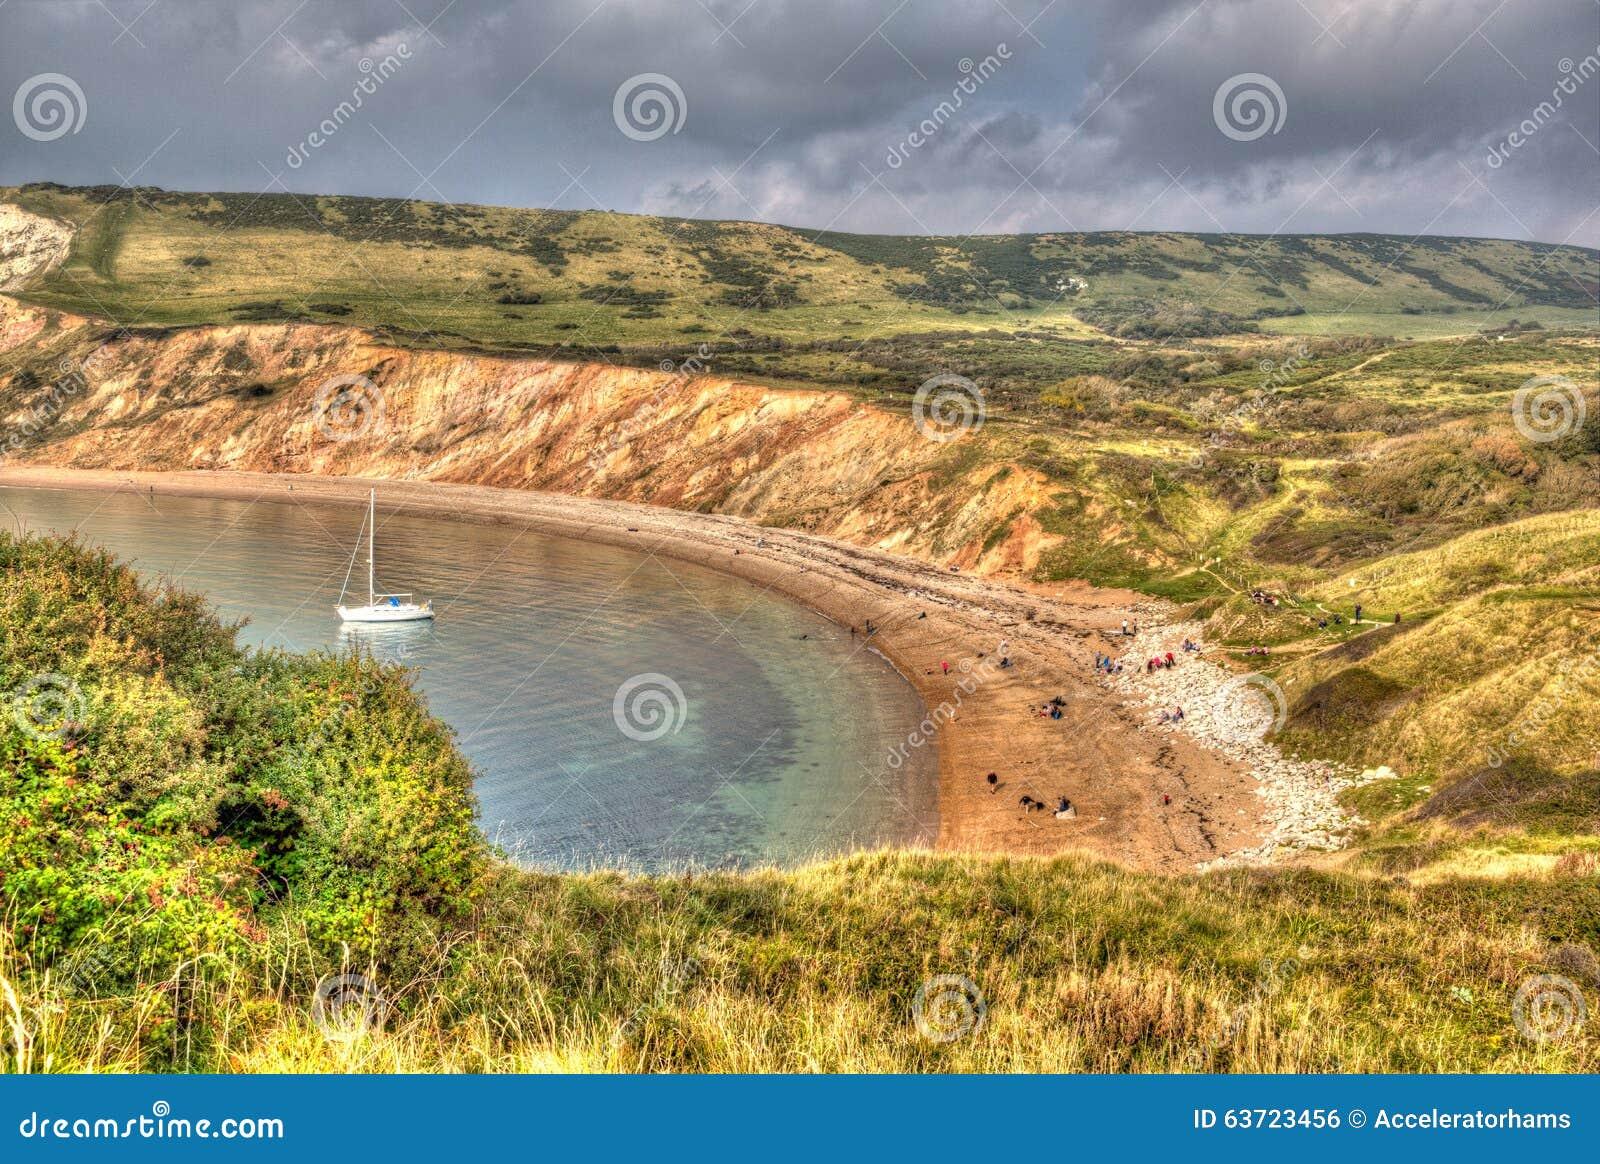 Baia di Worbarrow ad est della baia di Lulworth sulla costa Inghilterra Regno Unito di Dorset in HDR colourful